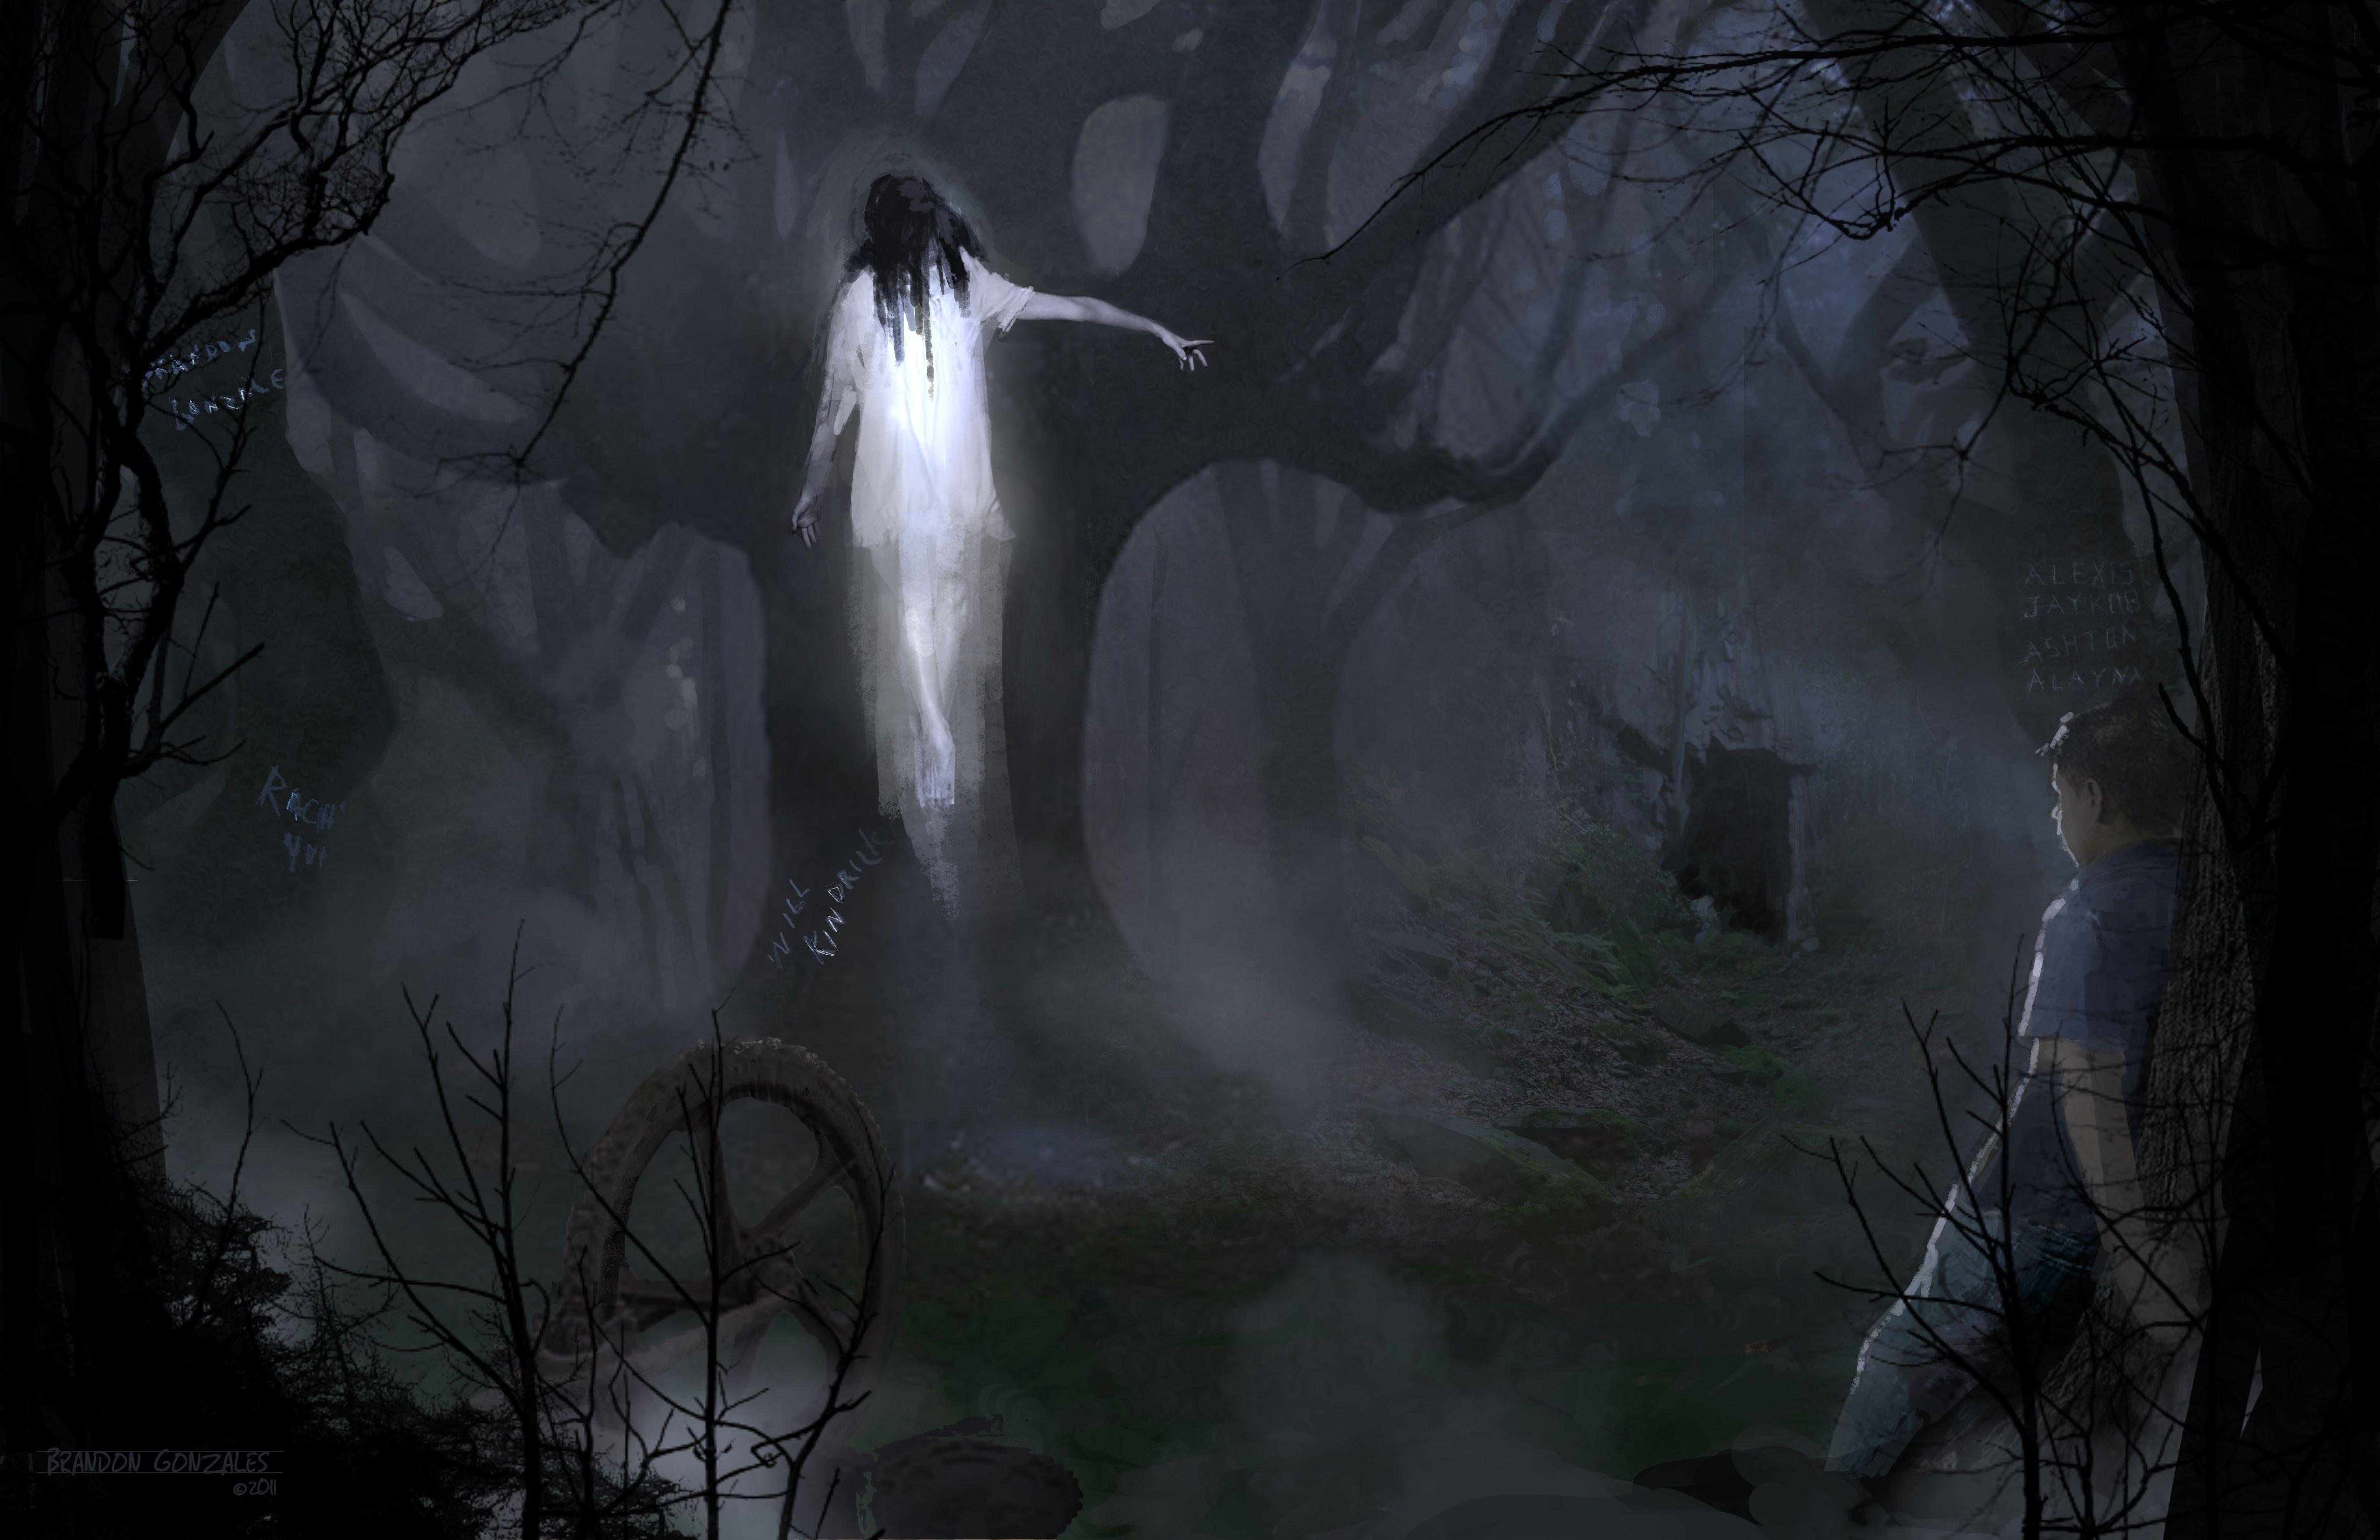 картинки с духами и призраками лед, что прочен